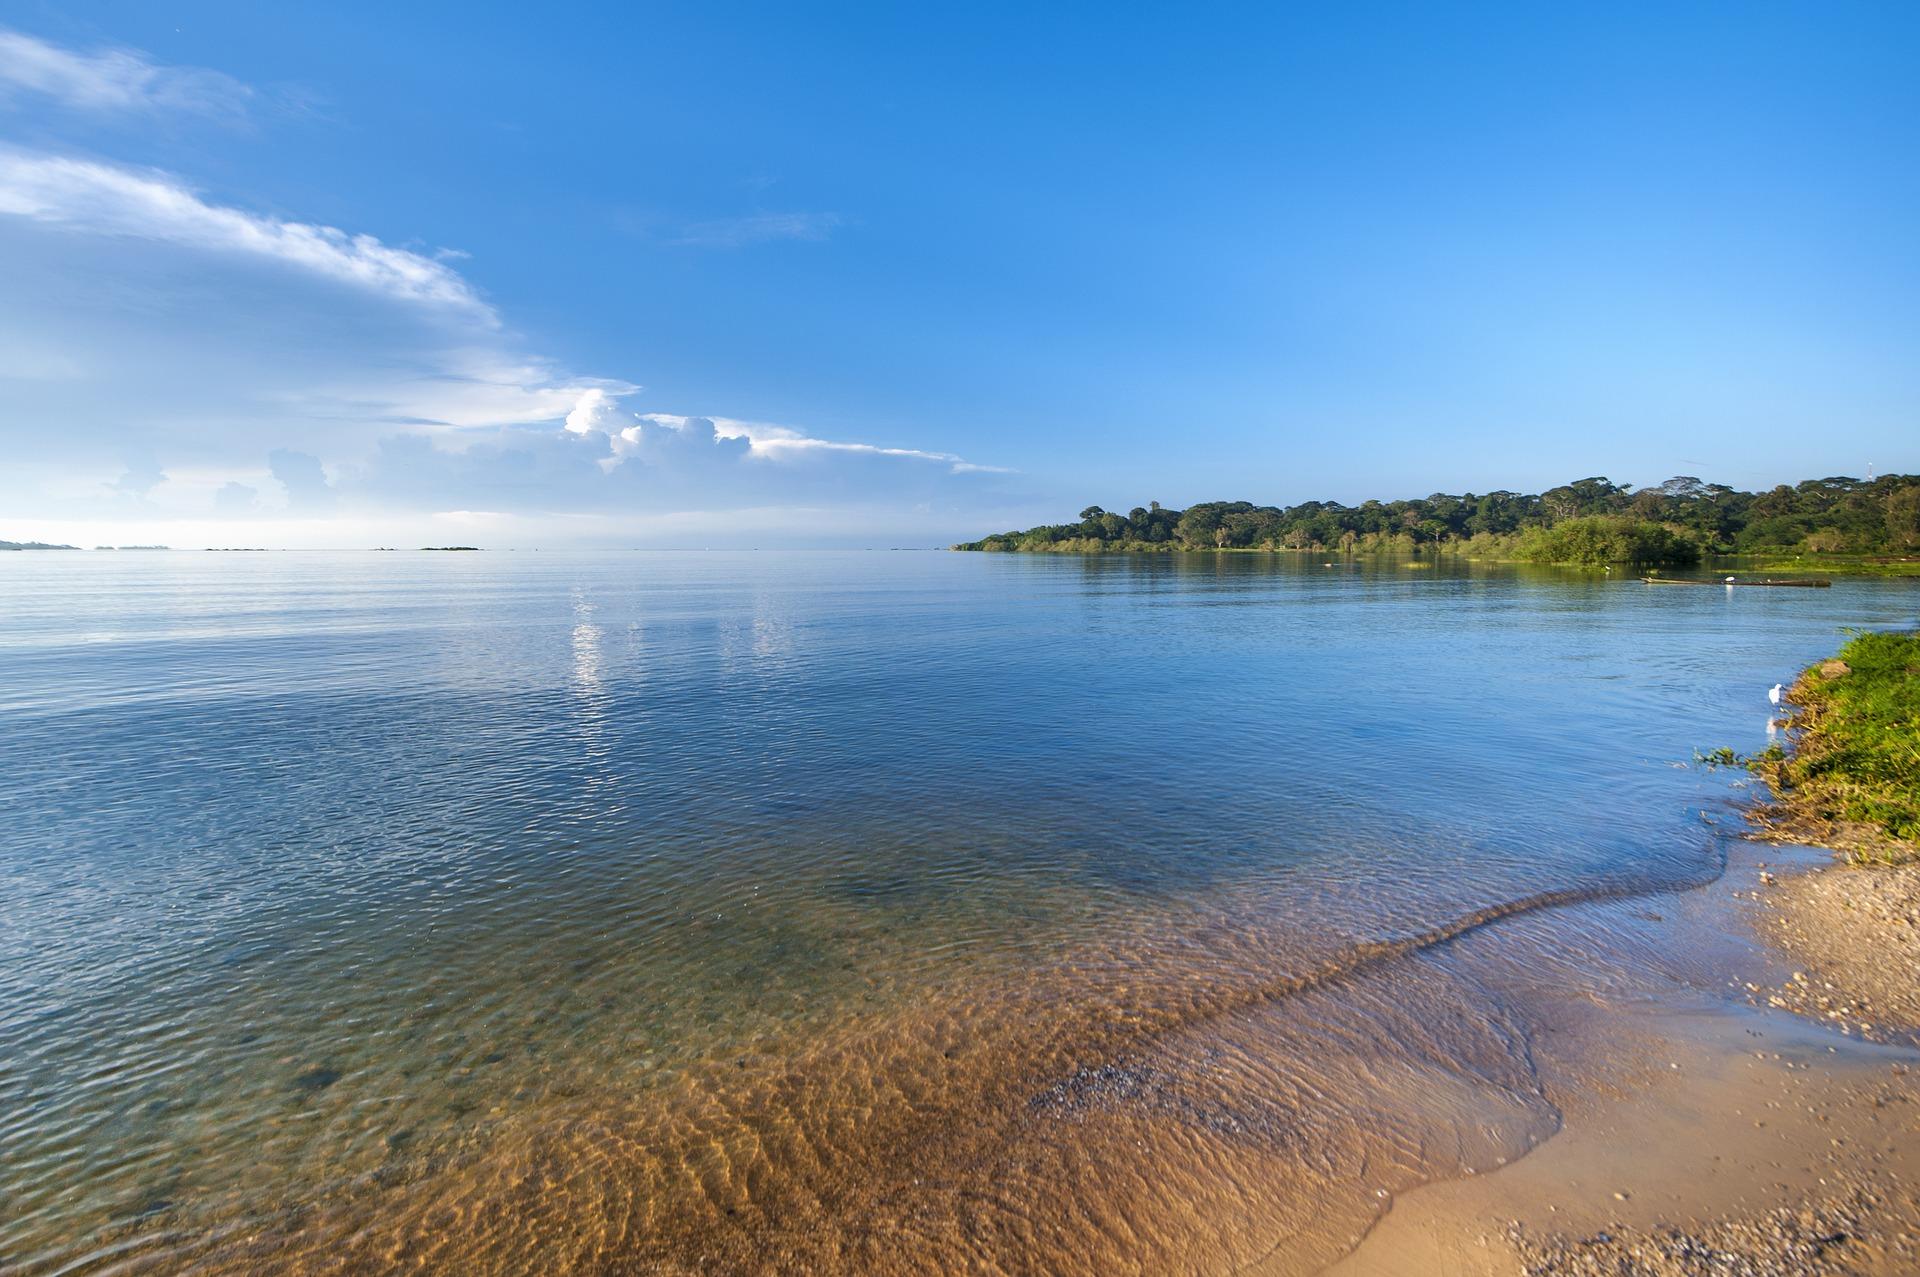 Танзанія озеро Виктория